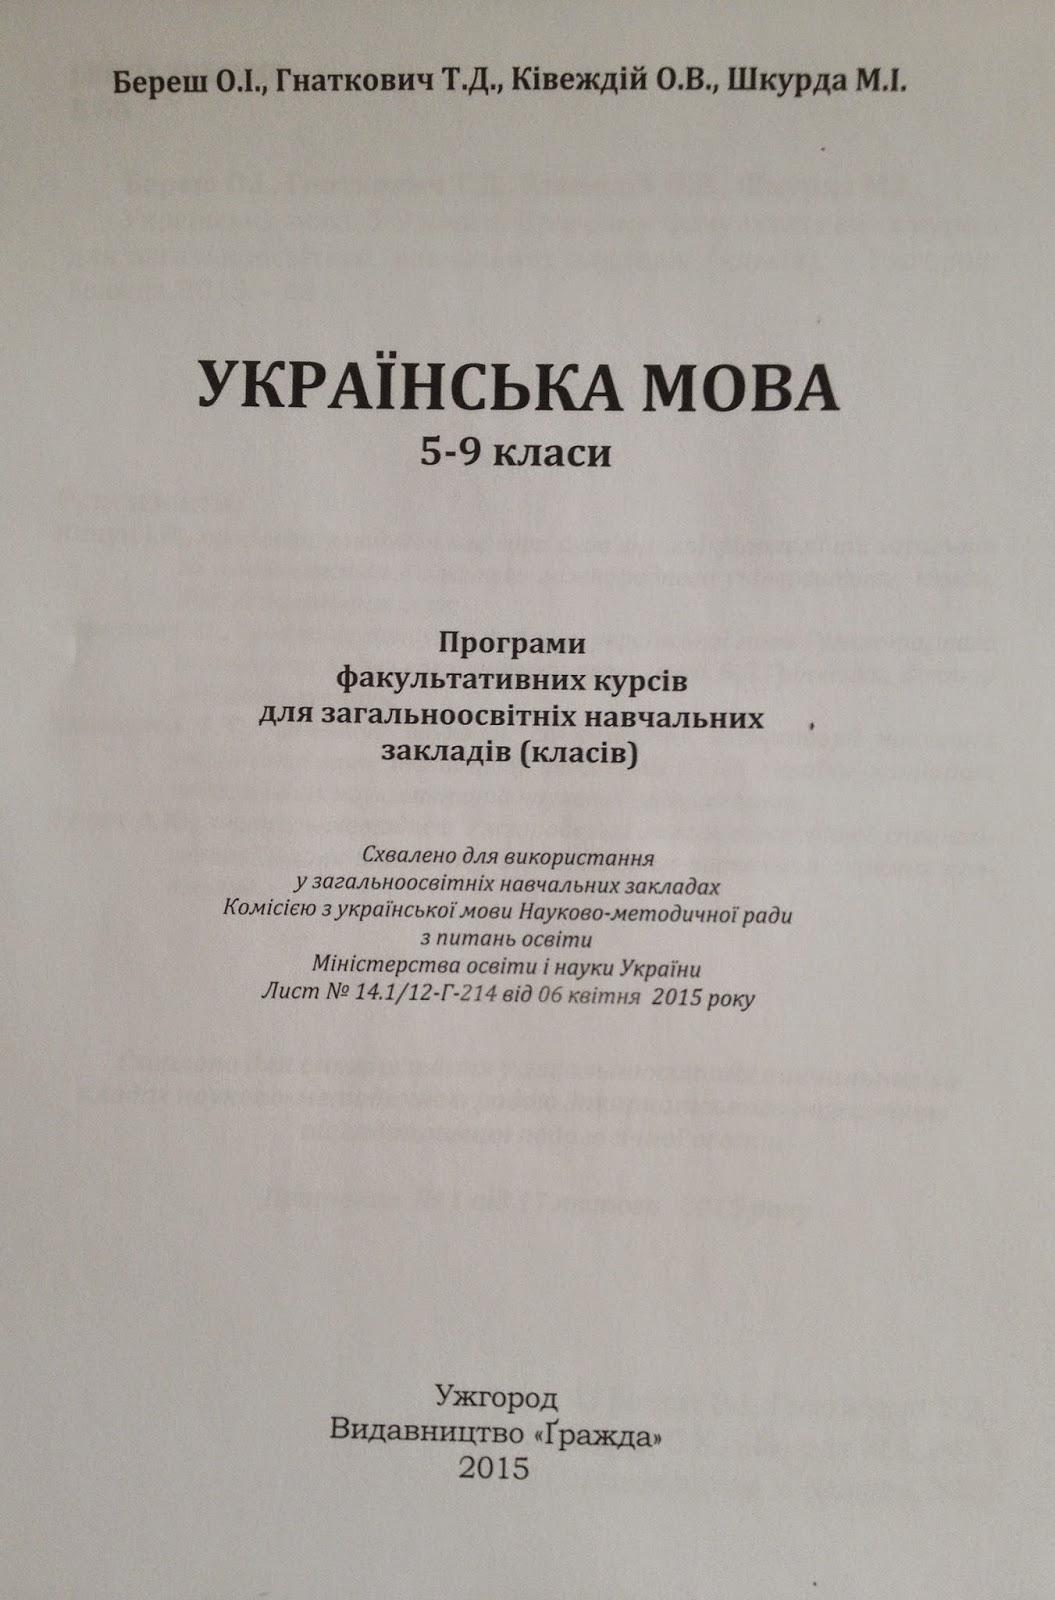 наряд-допуск бланк на українській мові